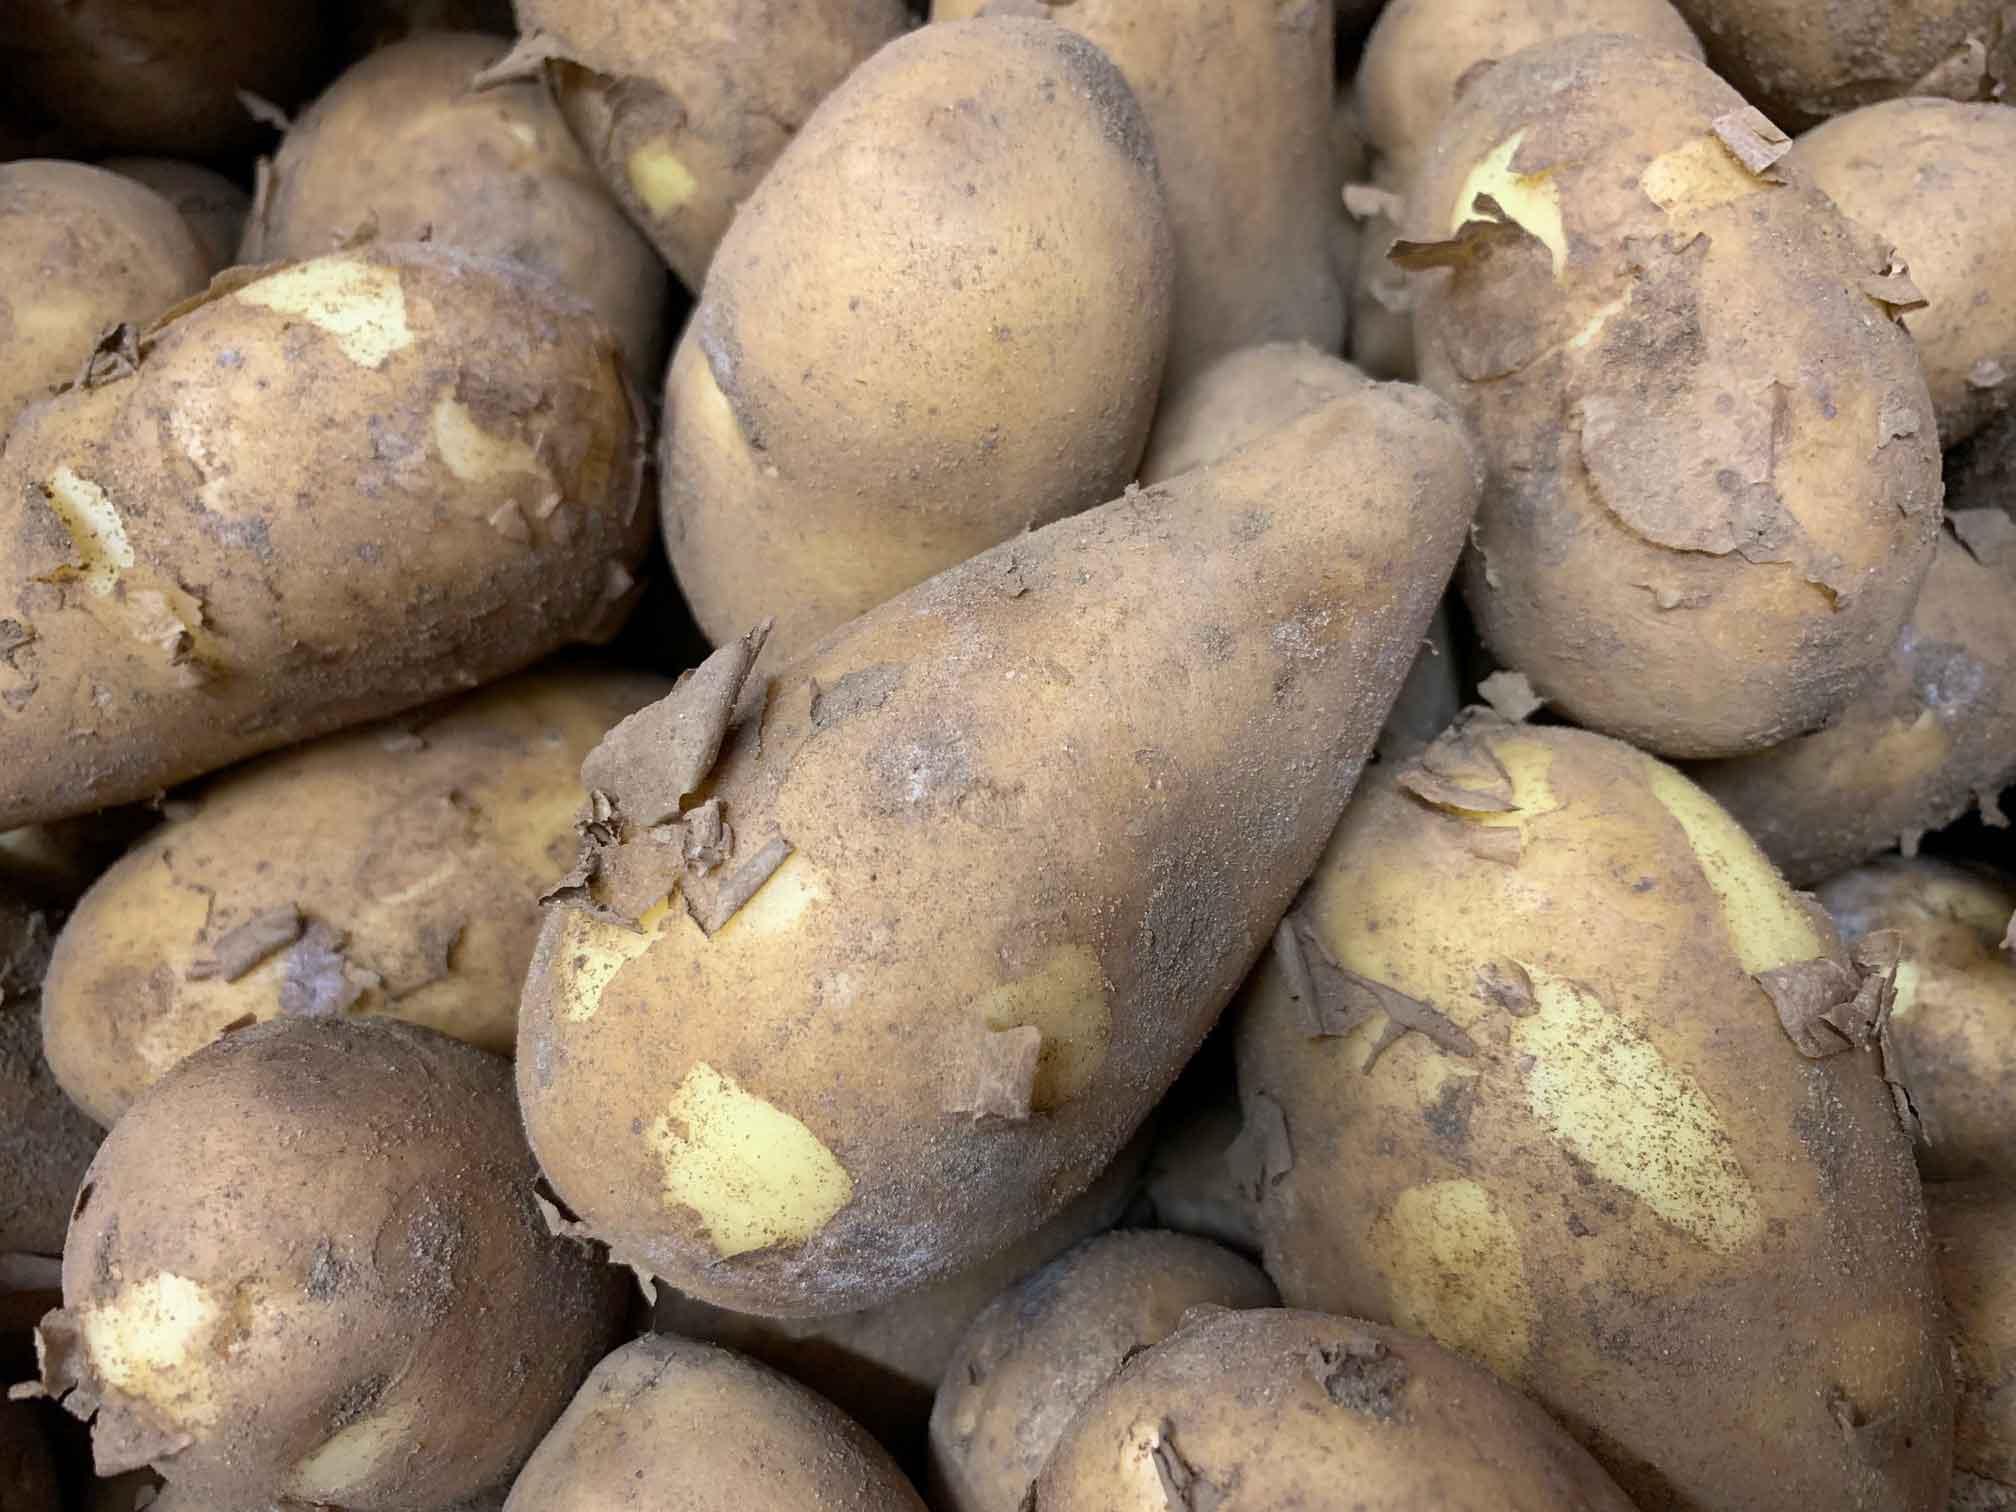 koffman-potato-smith-and-brock